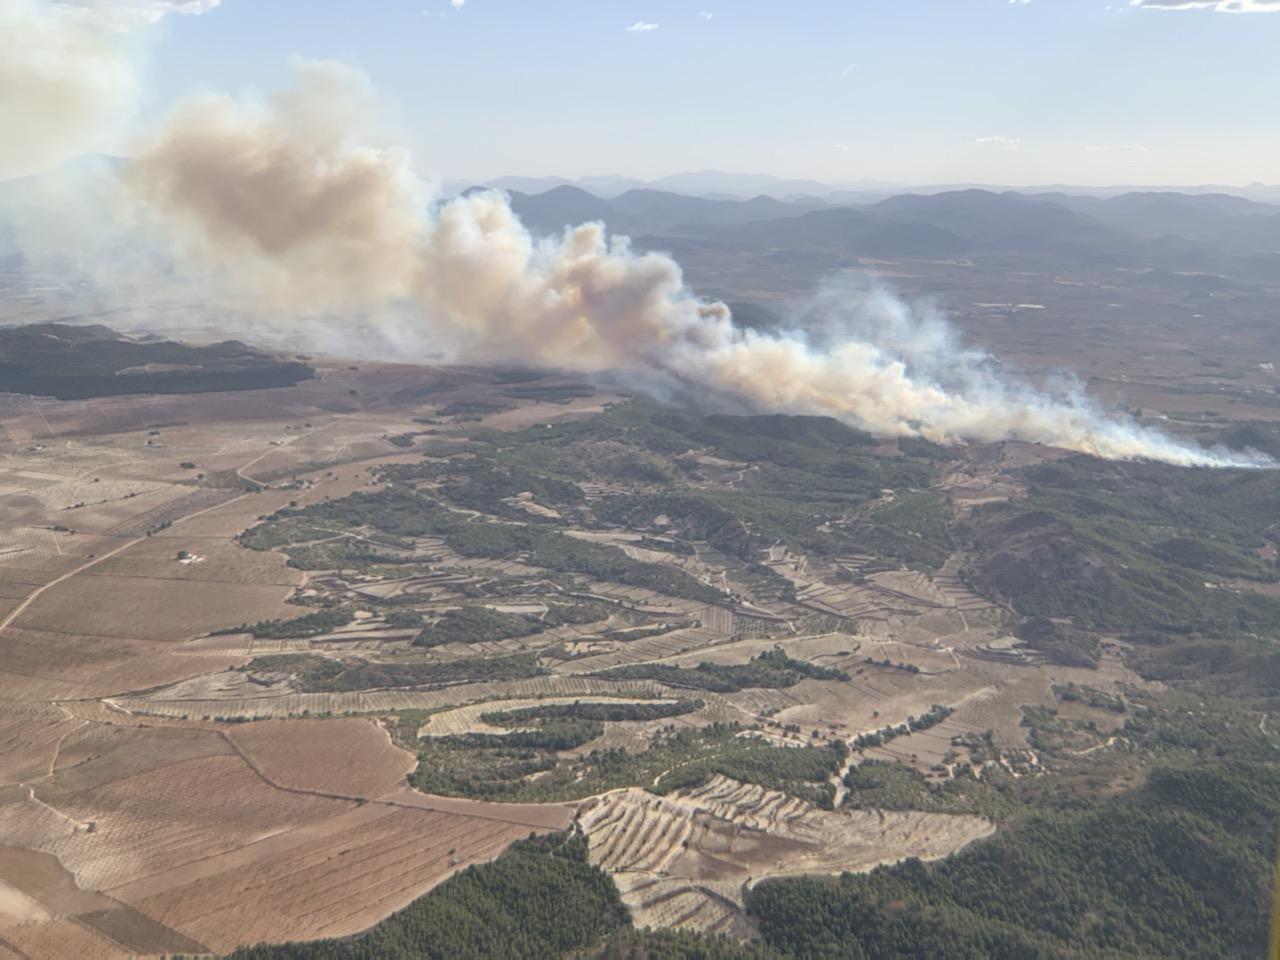 Vista aérea del incendio. Imagen: 112